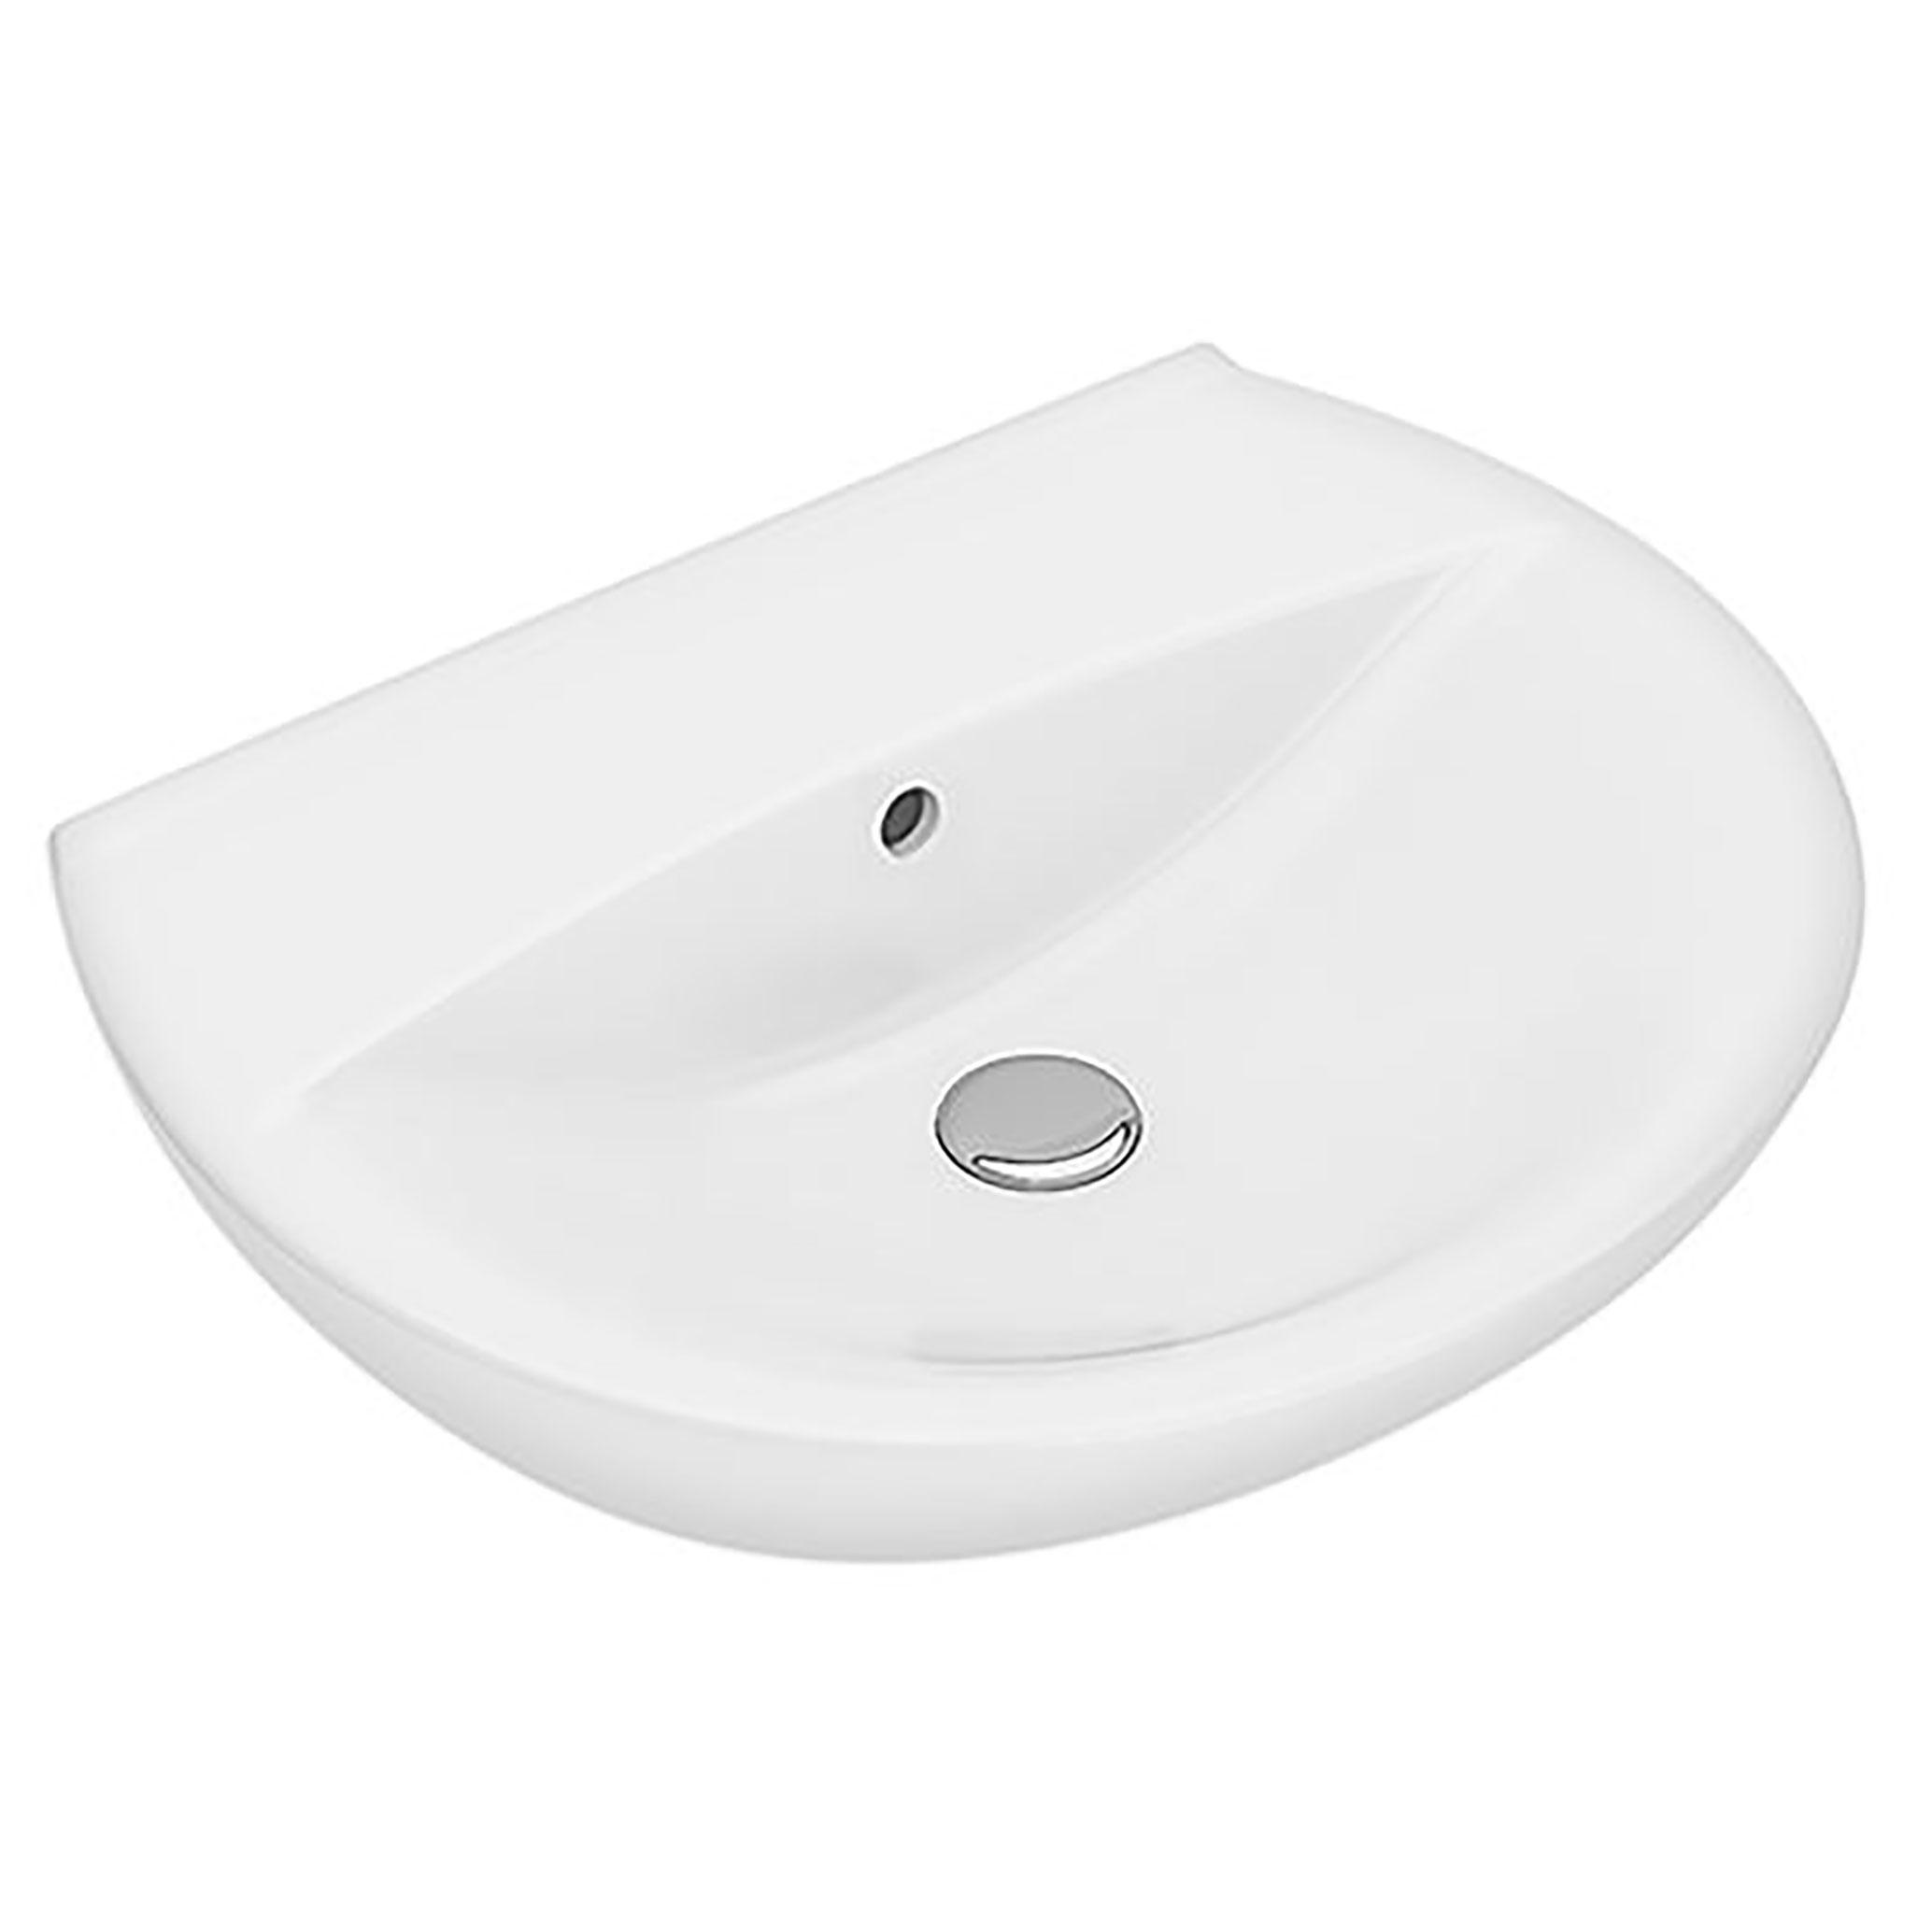 Tvättställ Ifö Spira 600 mm Runt Utan Kranhål